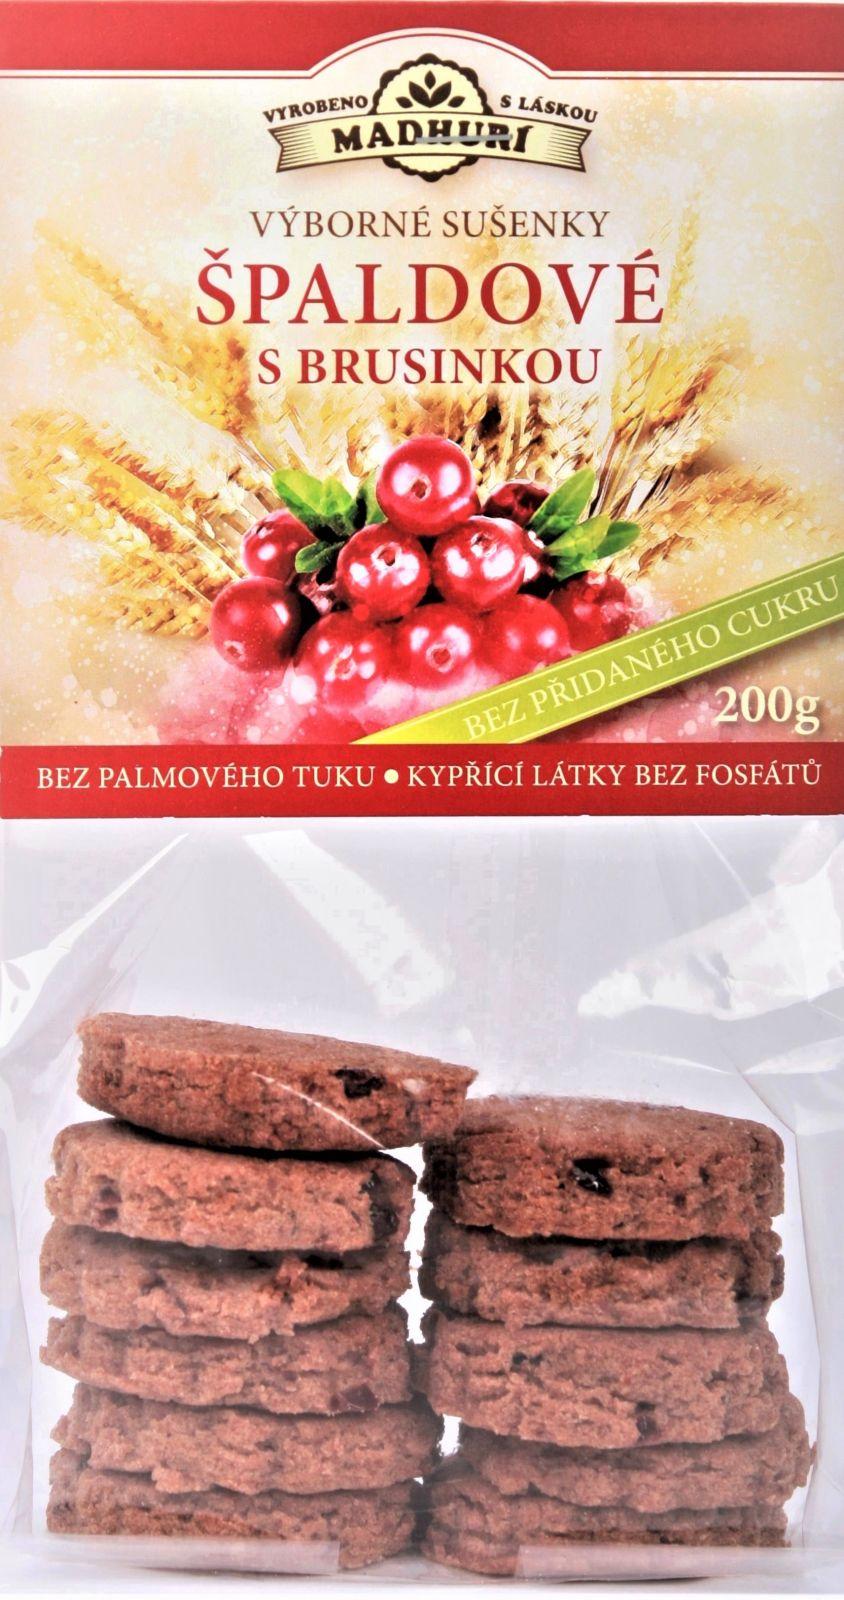 Špaldové měkké sušenky s brusinkou bez přidaného cukru